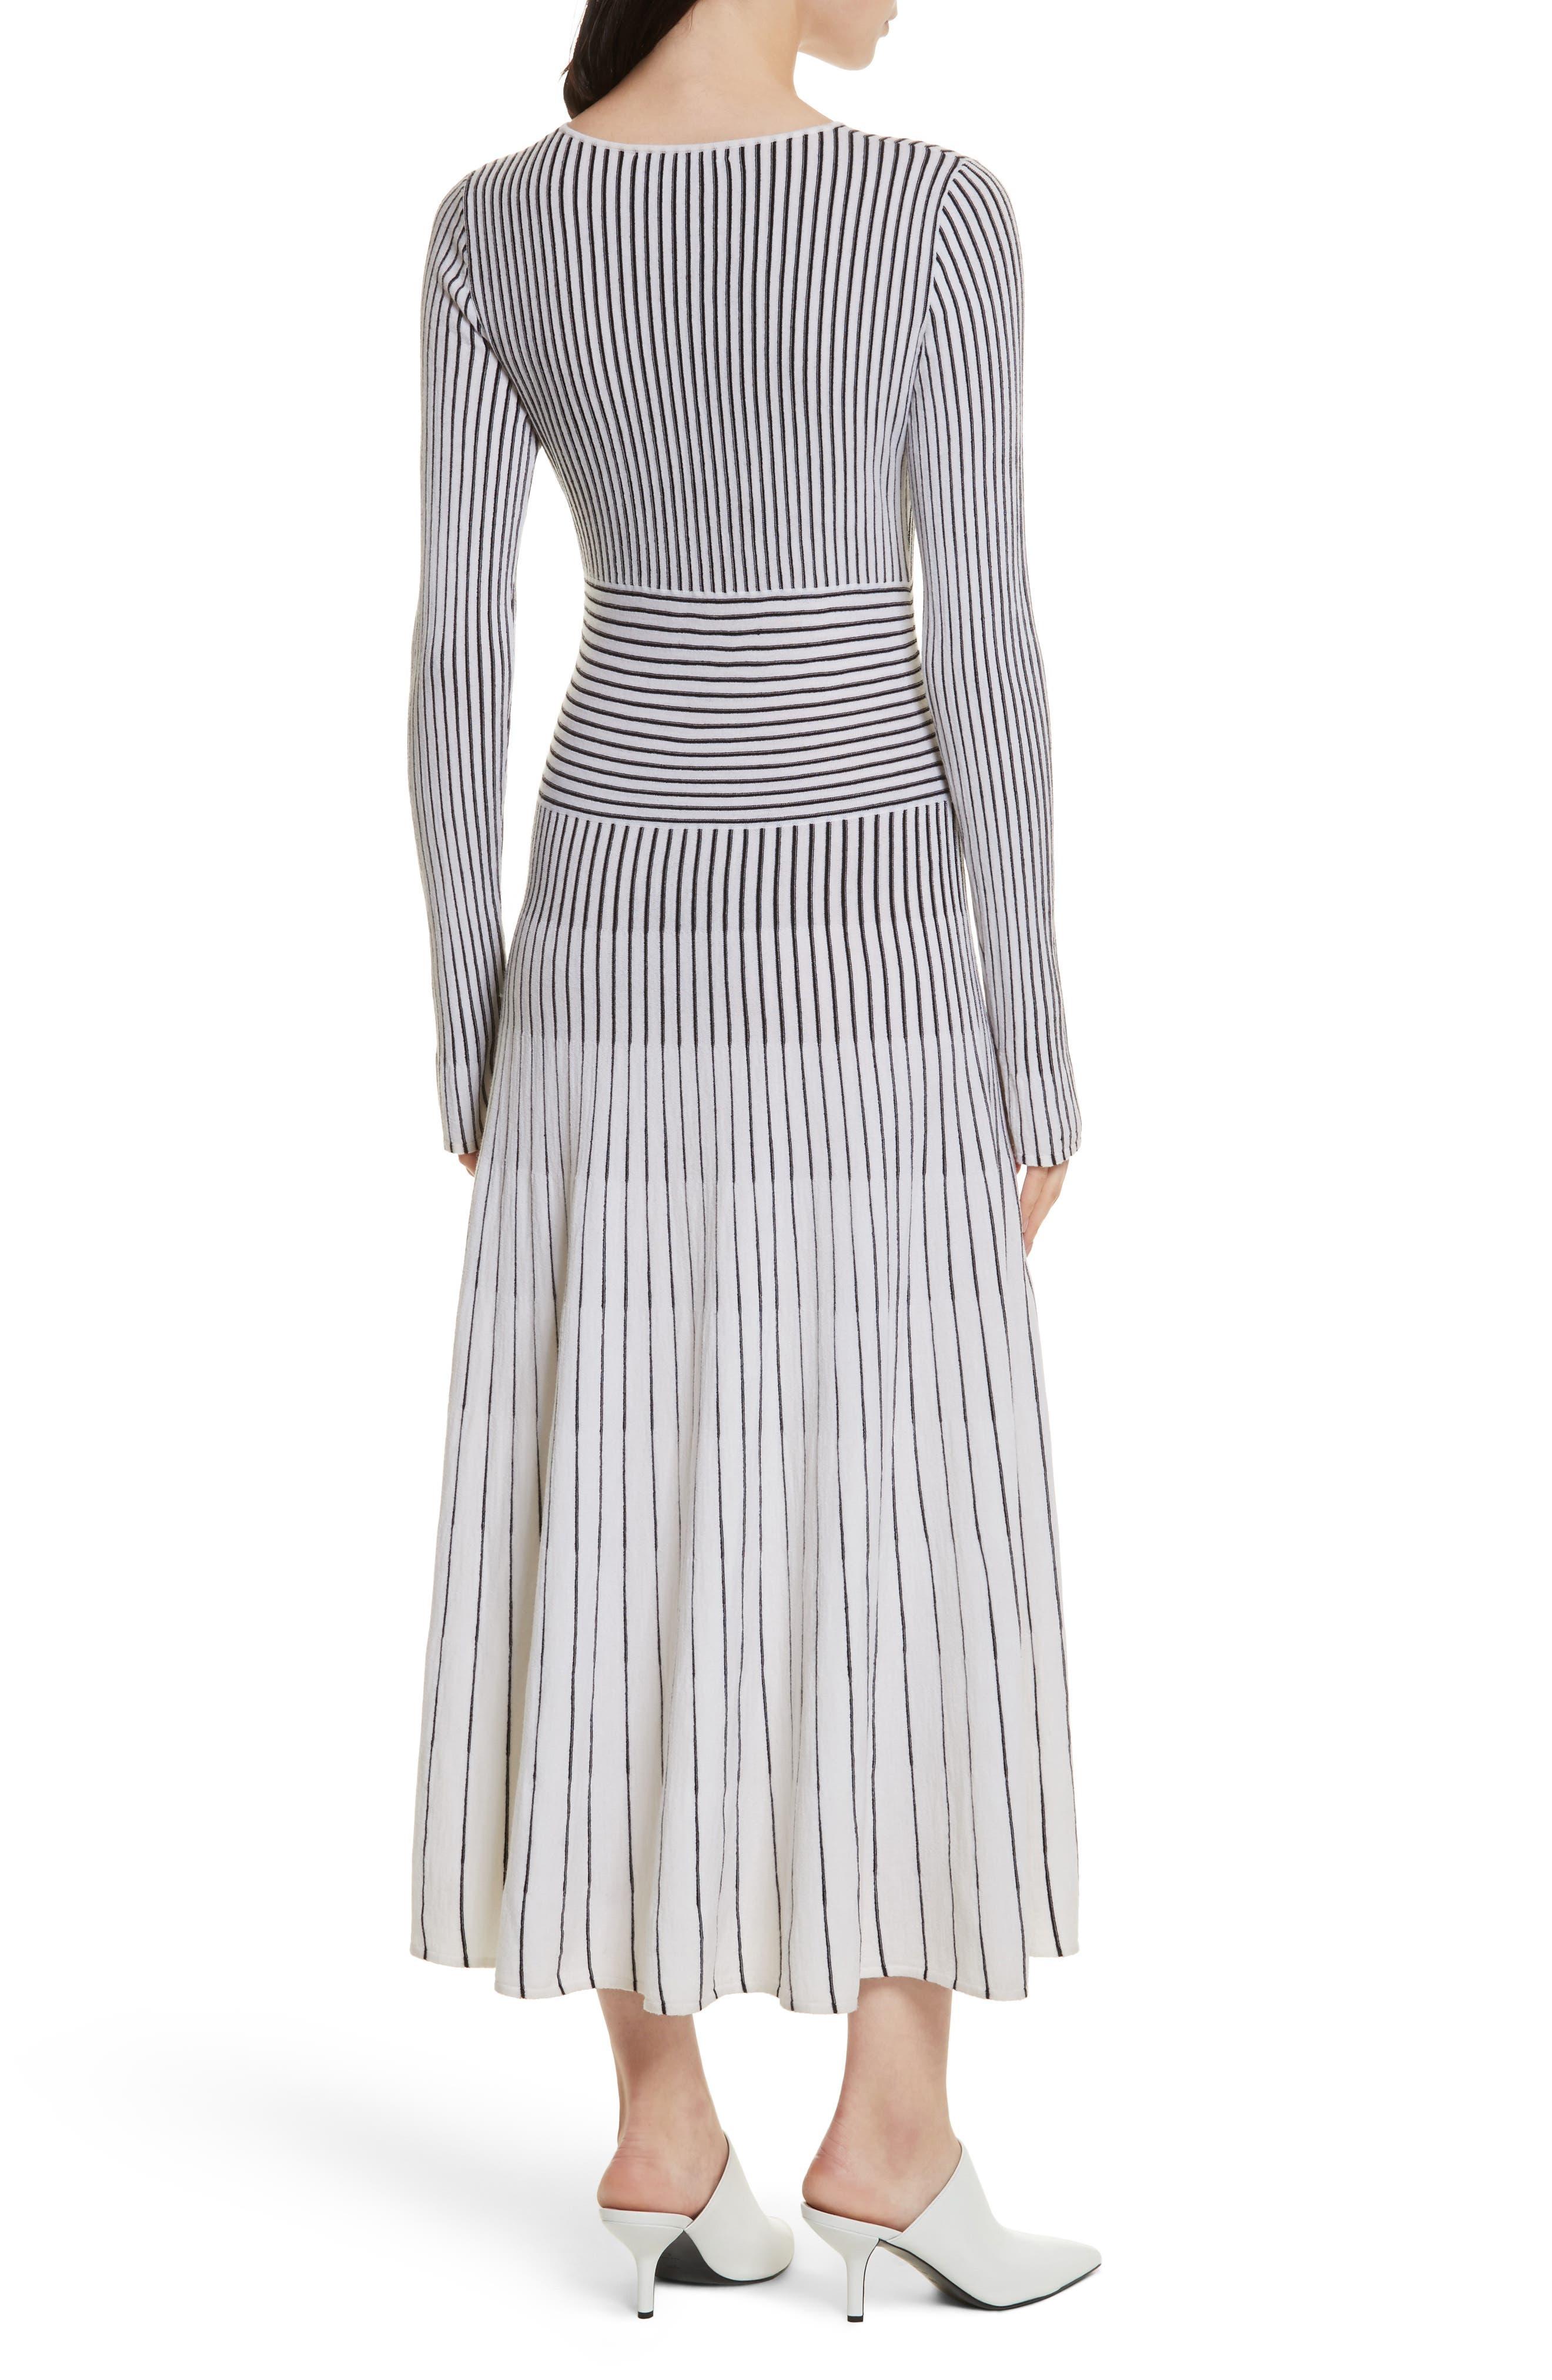 Sheridan Stripe Knit Midi Dress,                             Alternate thumbnail 2, color,                             Ivory/ Black